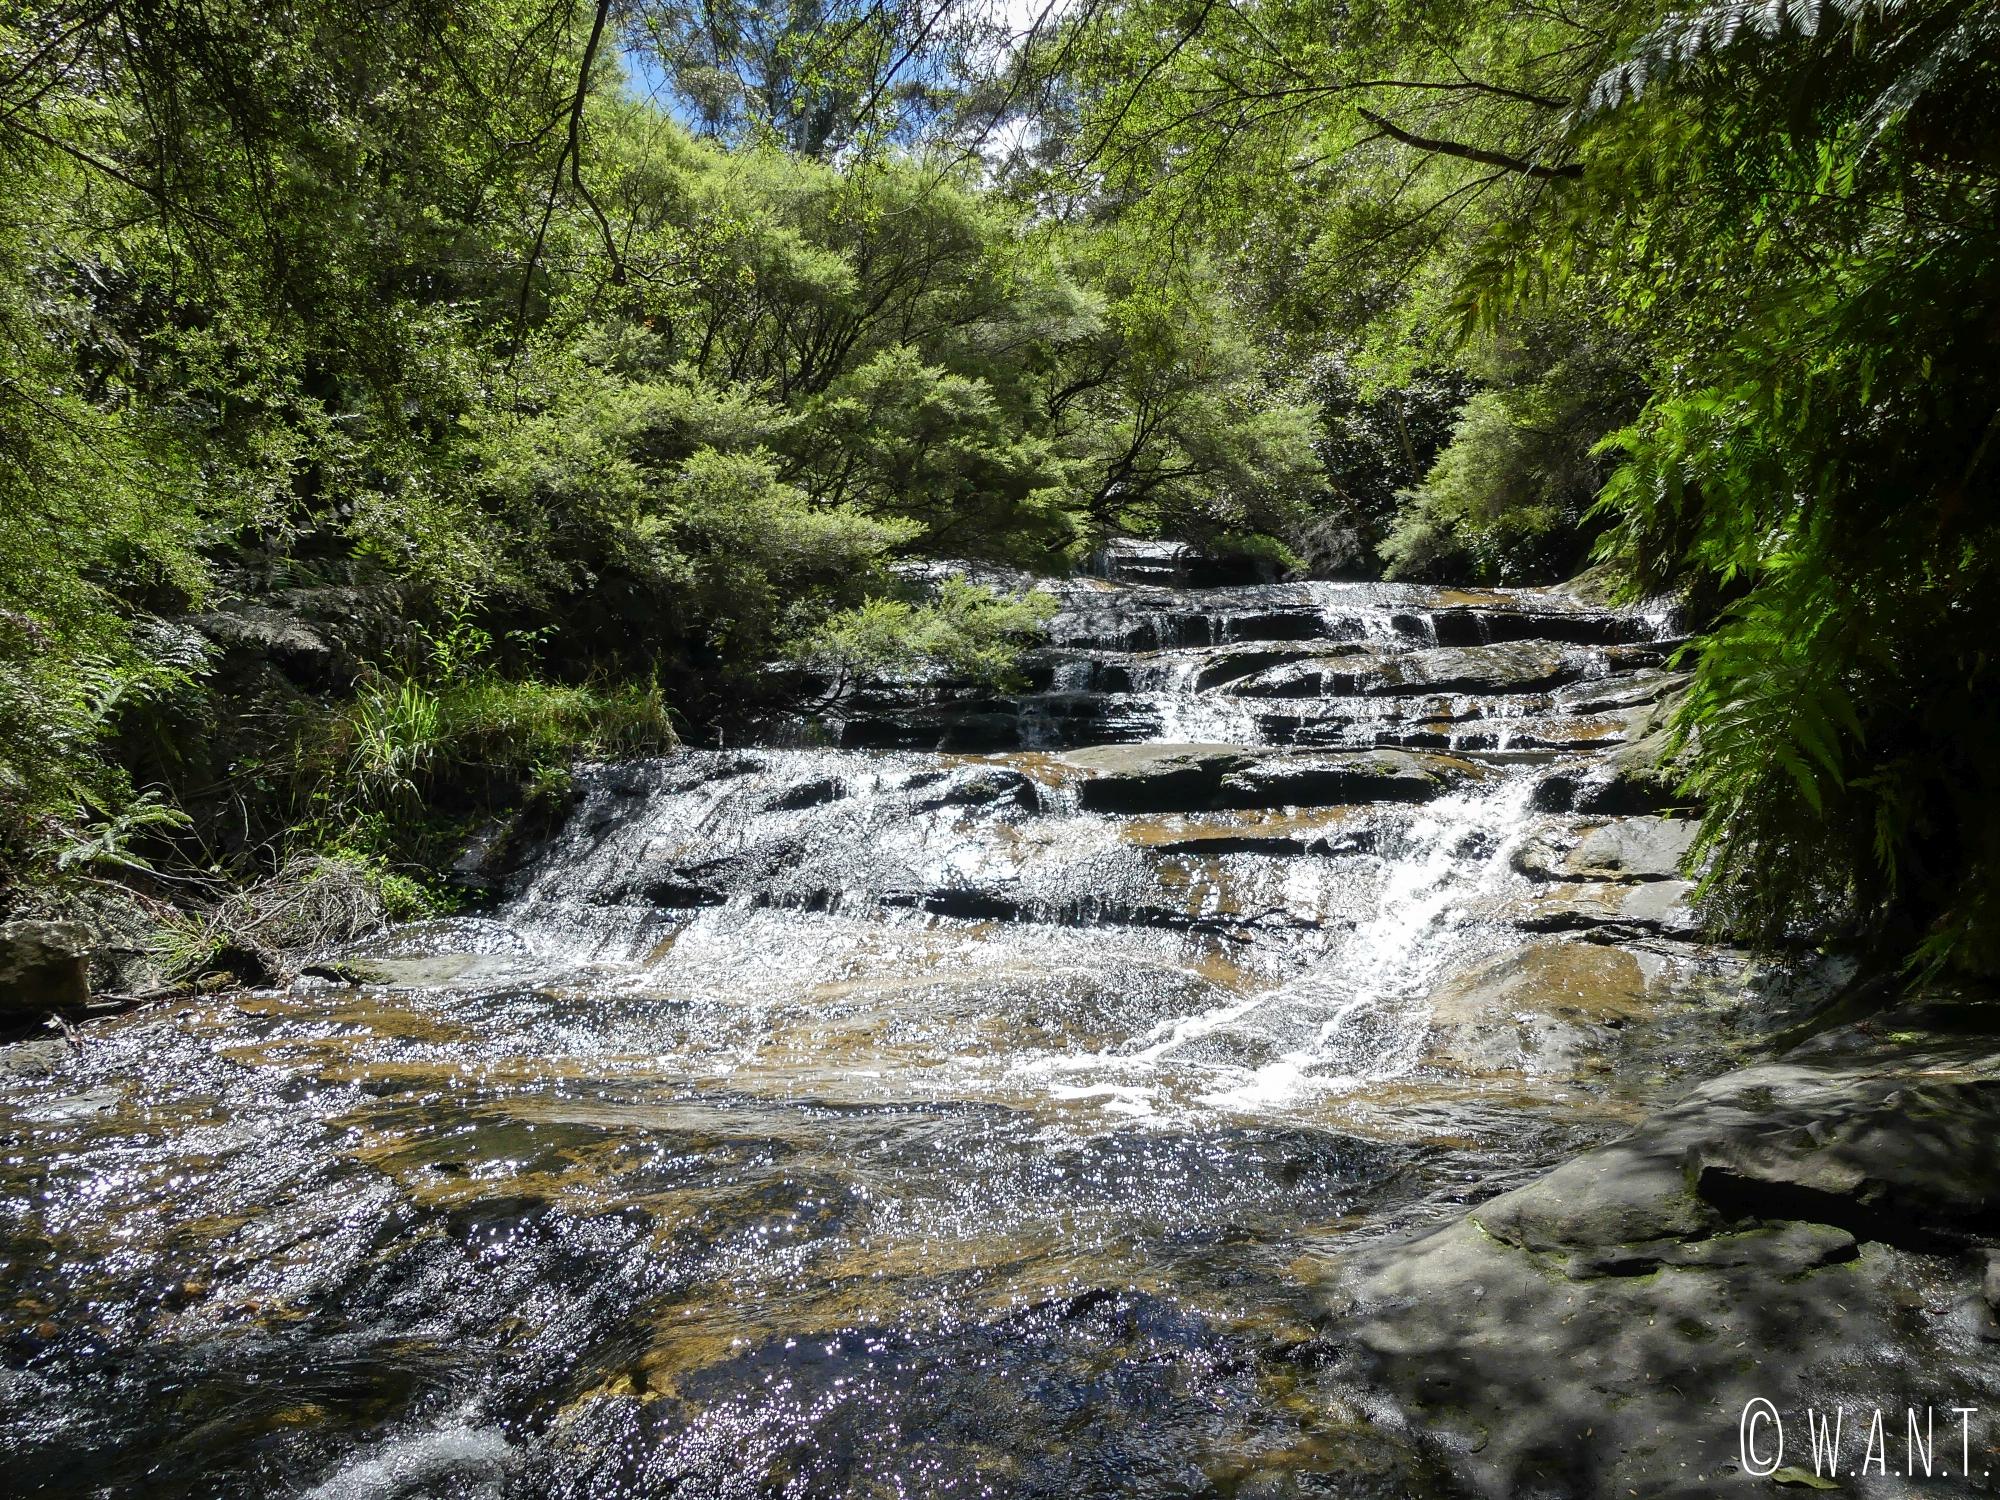 Le parc national de Blue Mountains est également réputé pour ses cascades